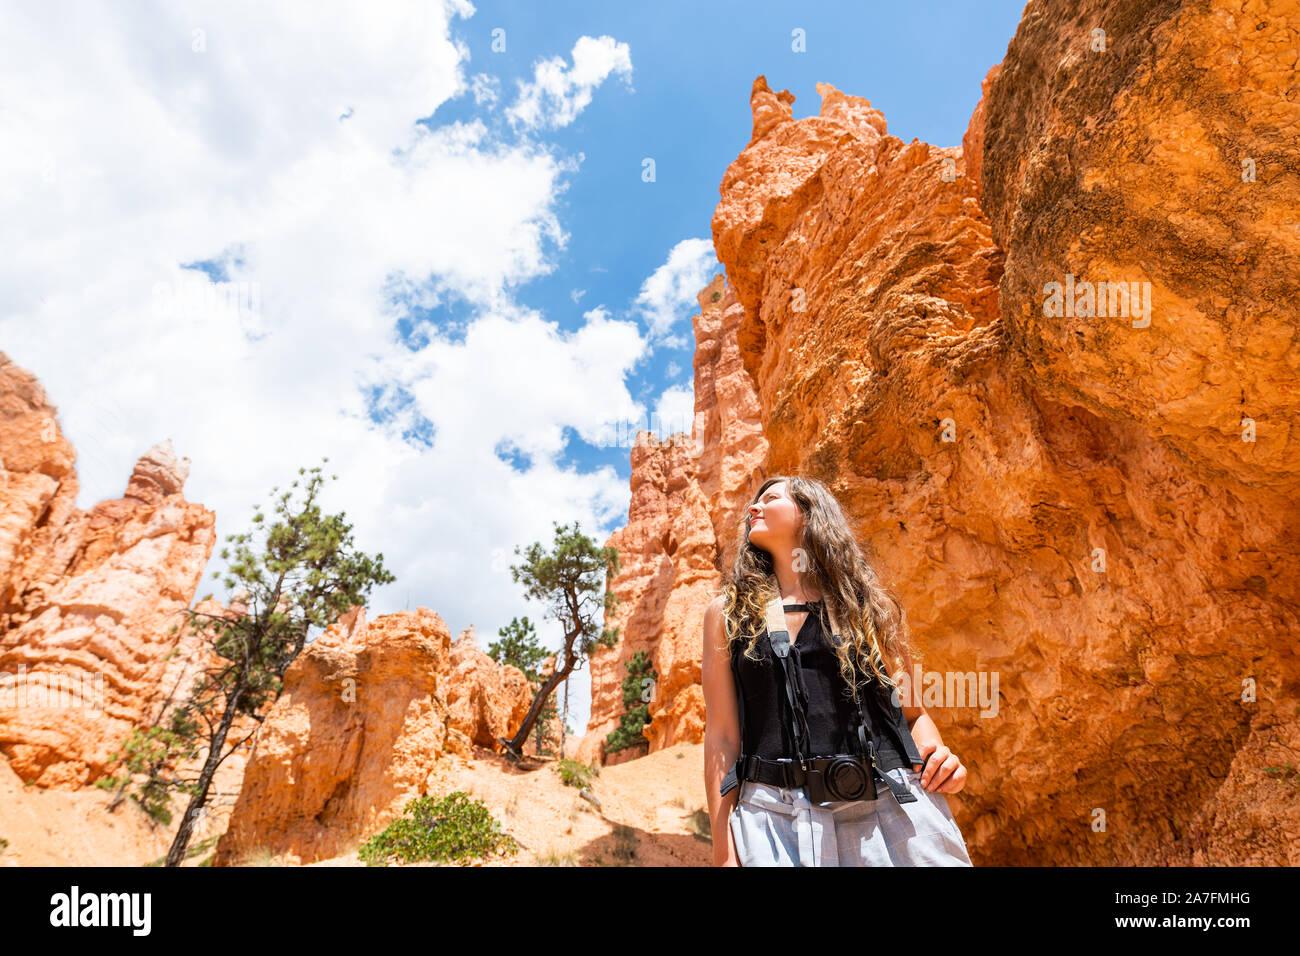 Giovane donna in piedi guardando il paesaggio del deserto vista estiva nel Parco Nazionale di Bryce Canyon su loop Navajo ampio angolo con la fotocamera e il cielo Foto Stock